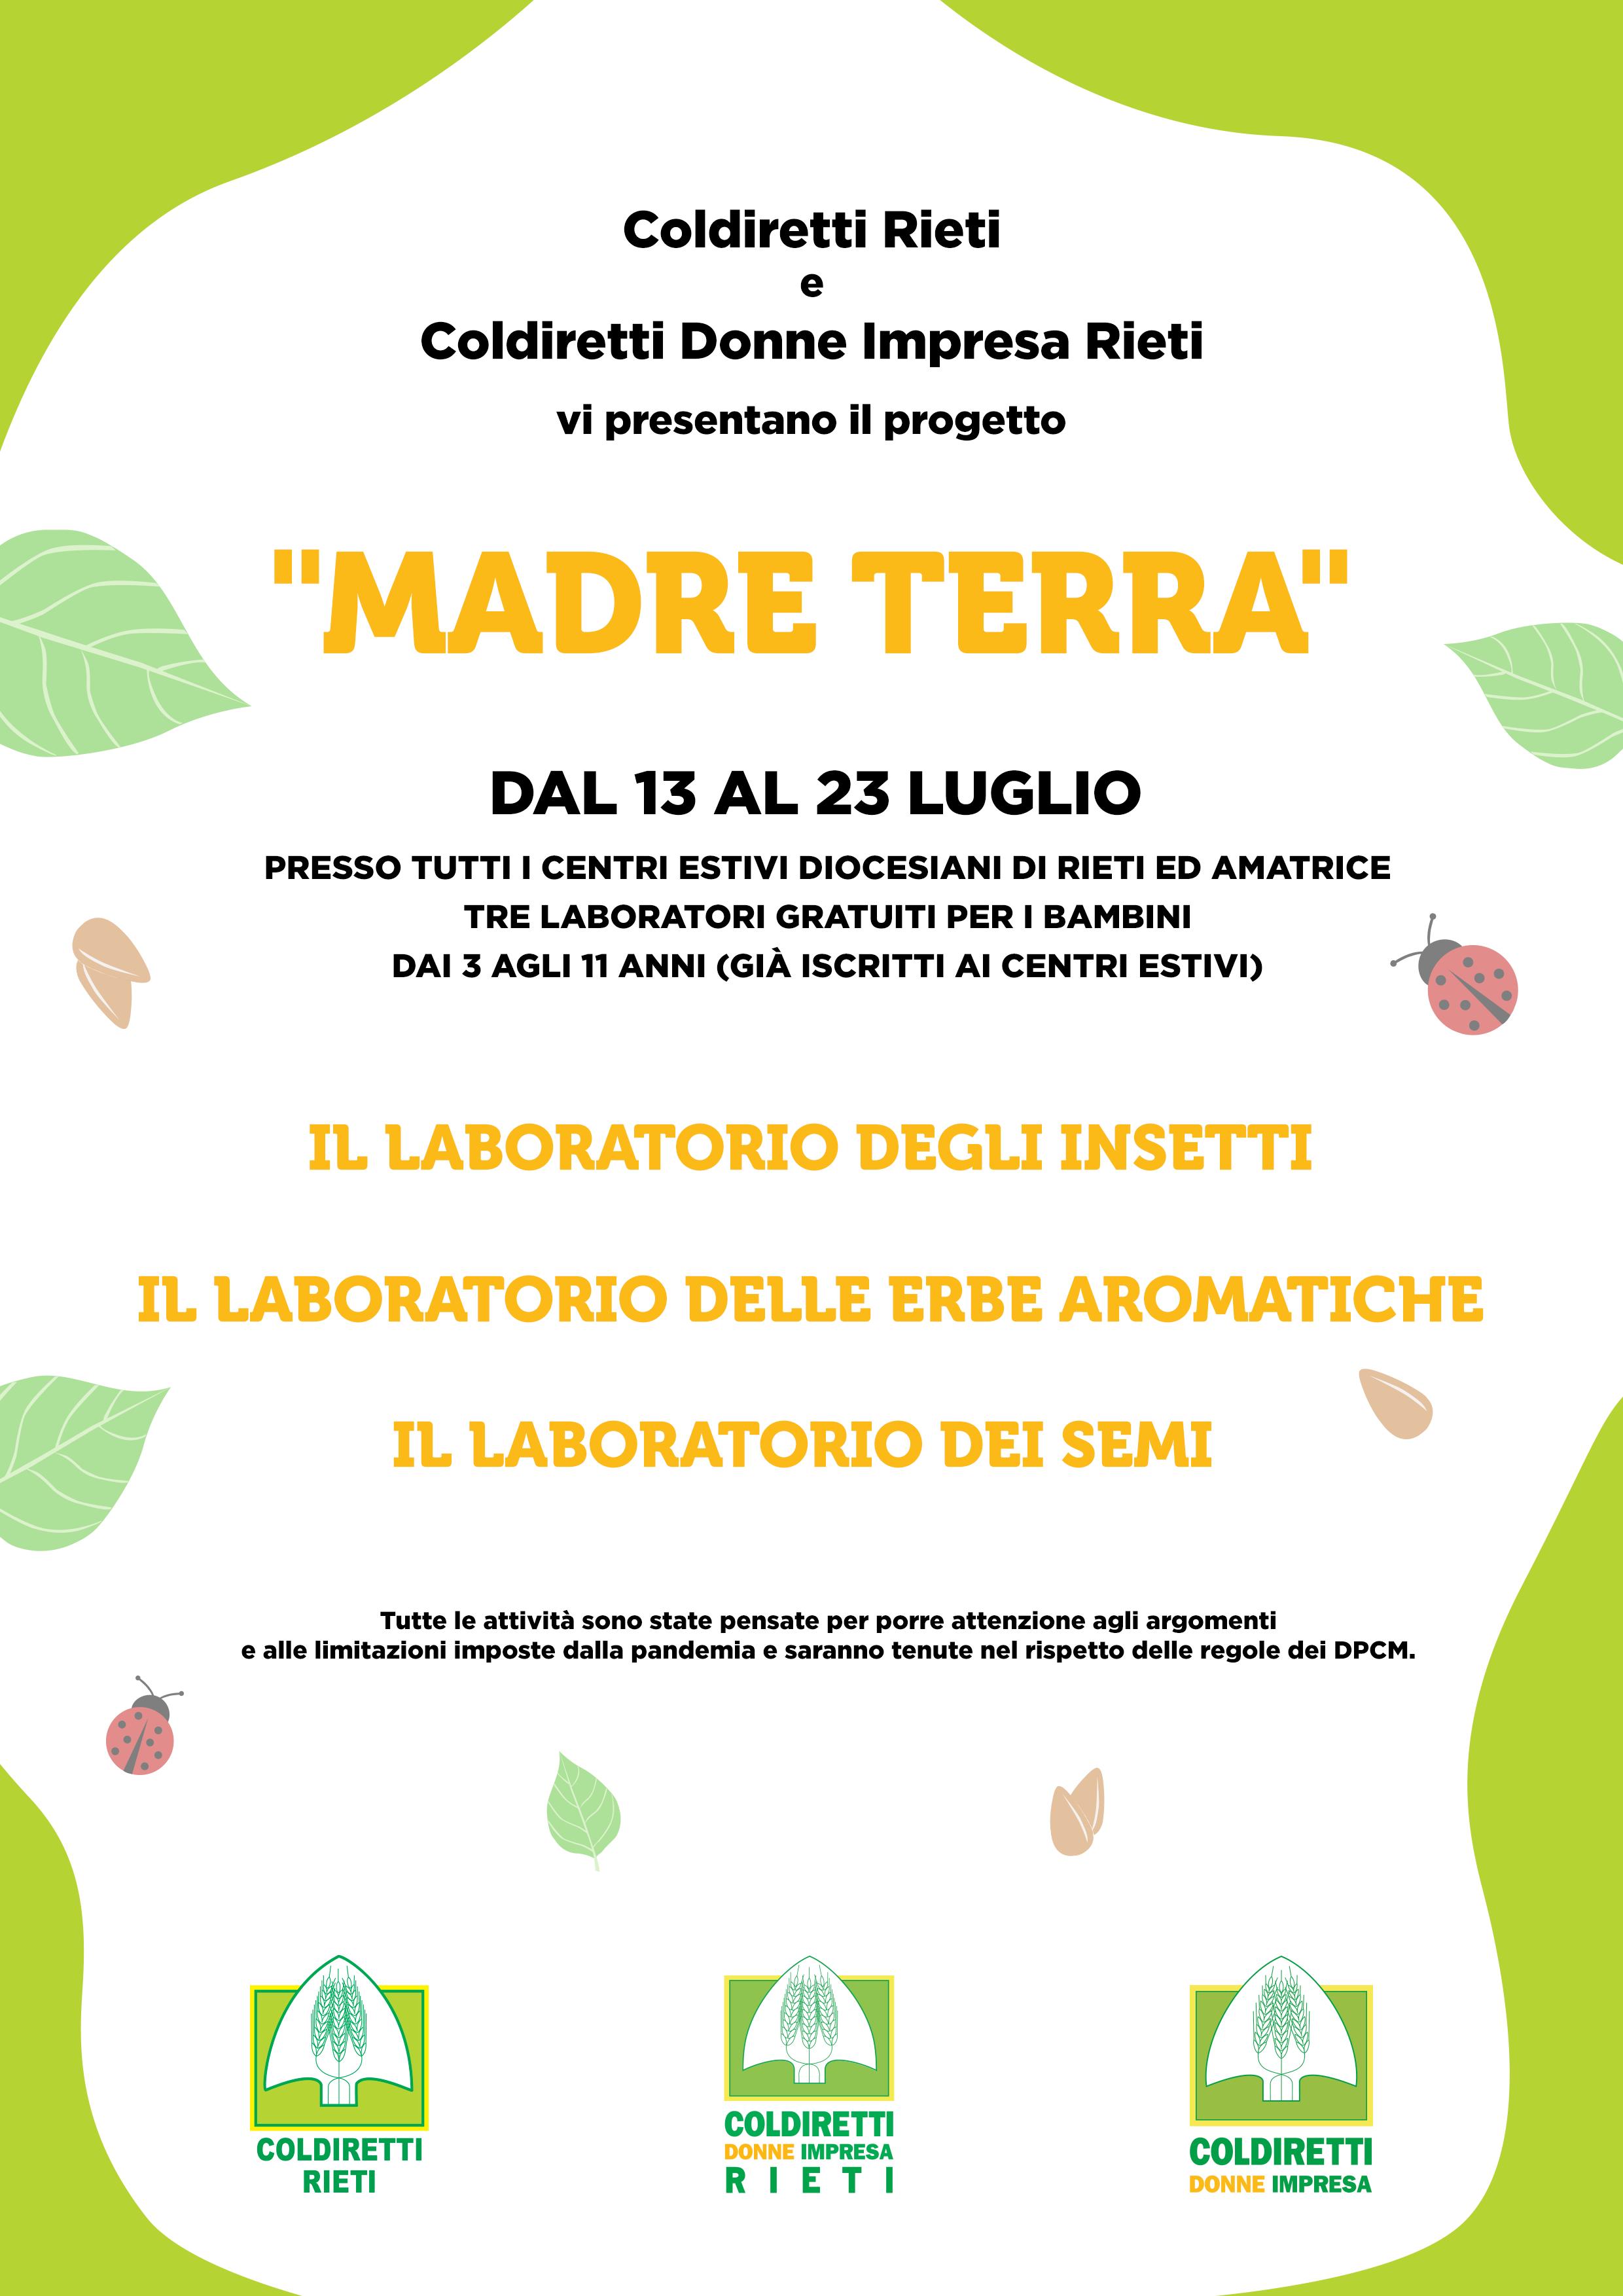 Madre Terra Coldiretti Rieti